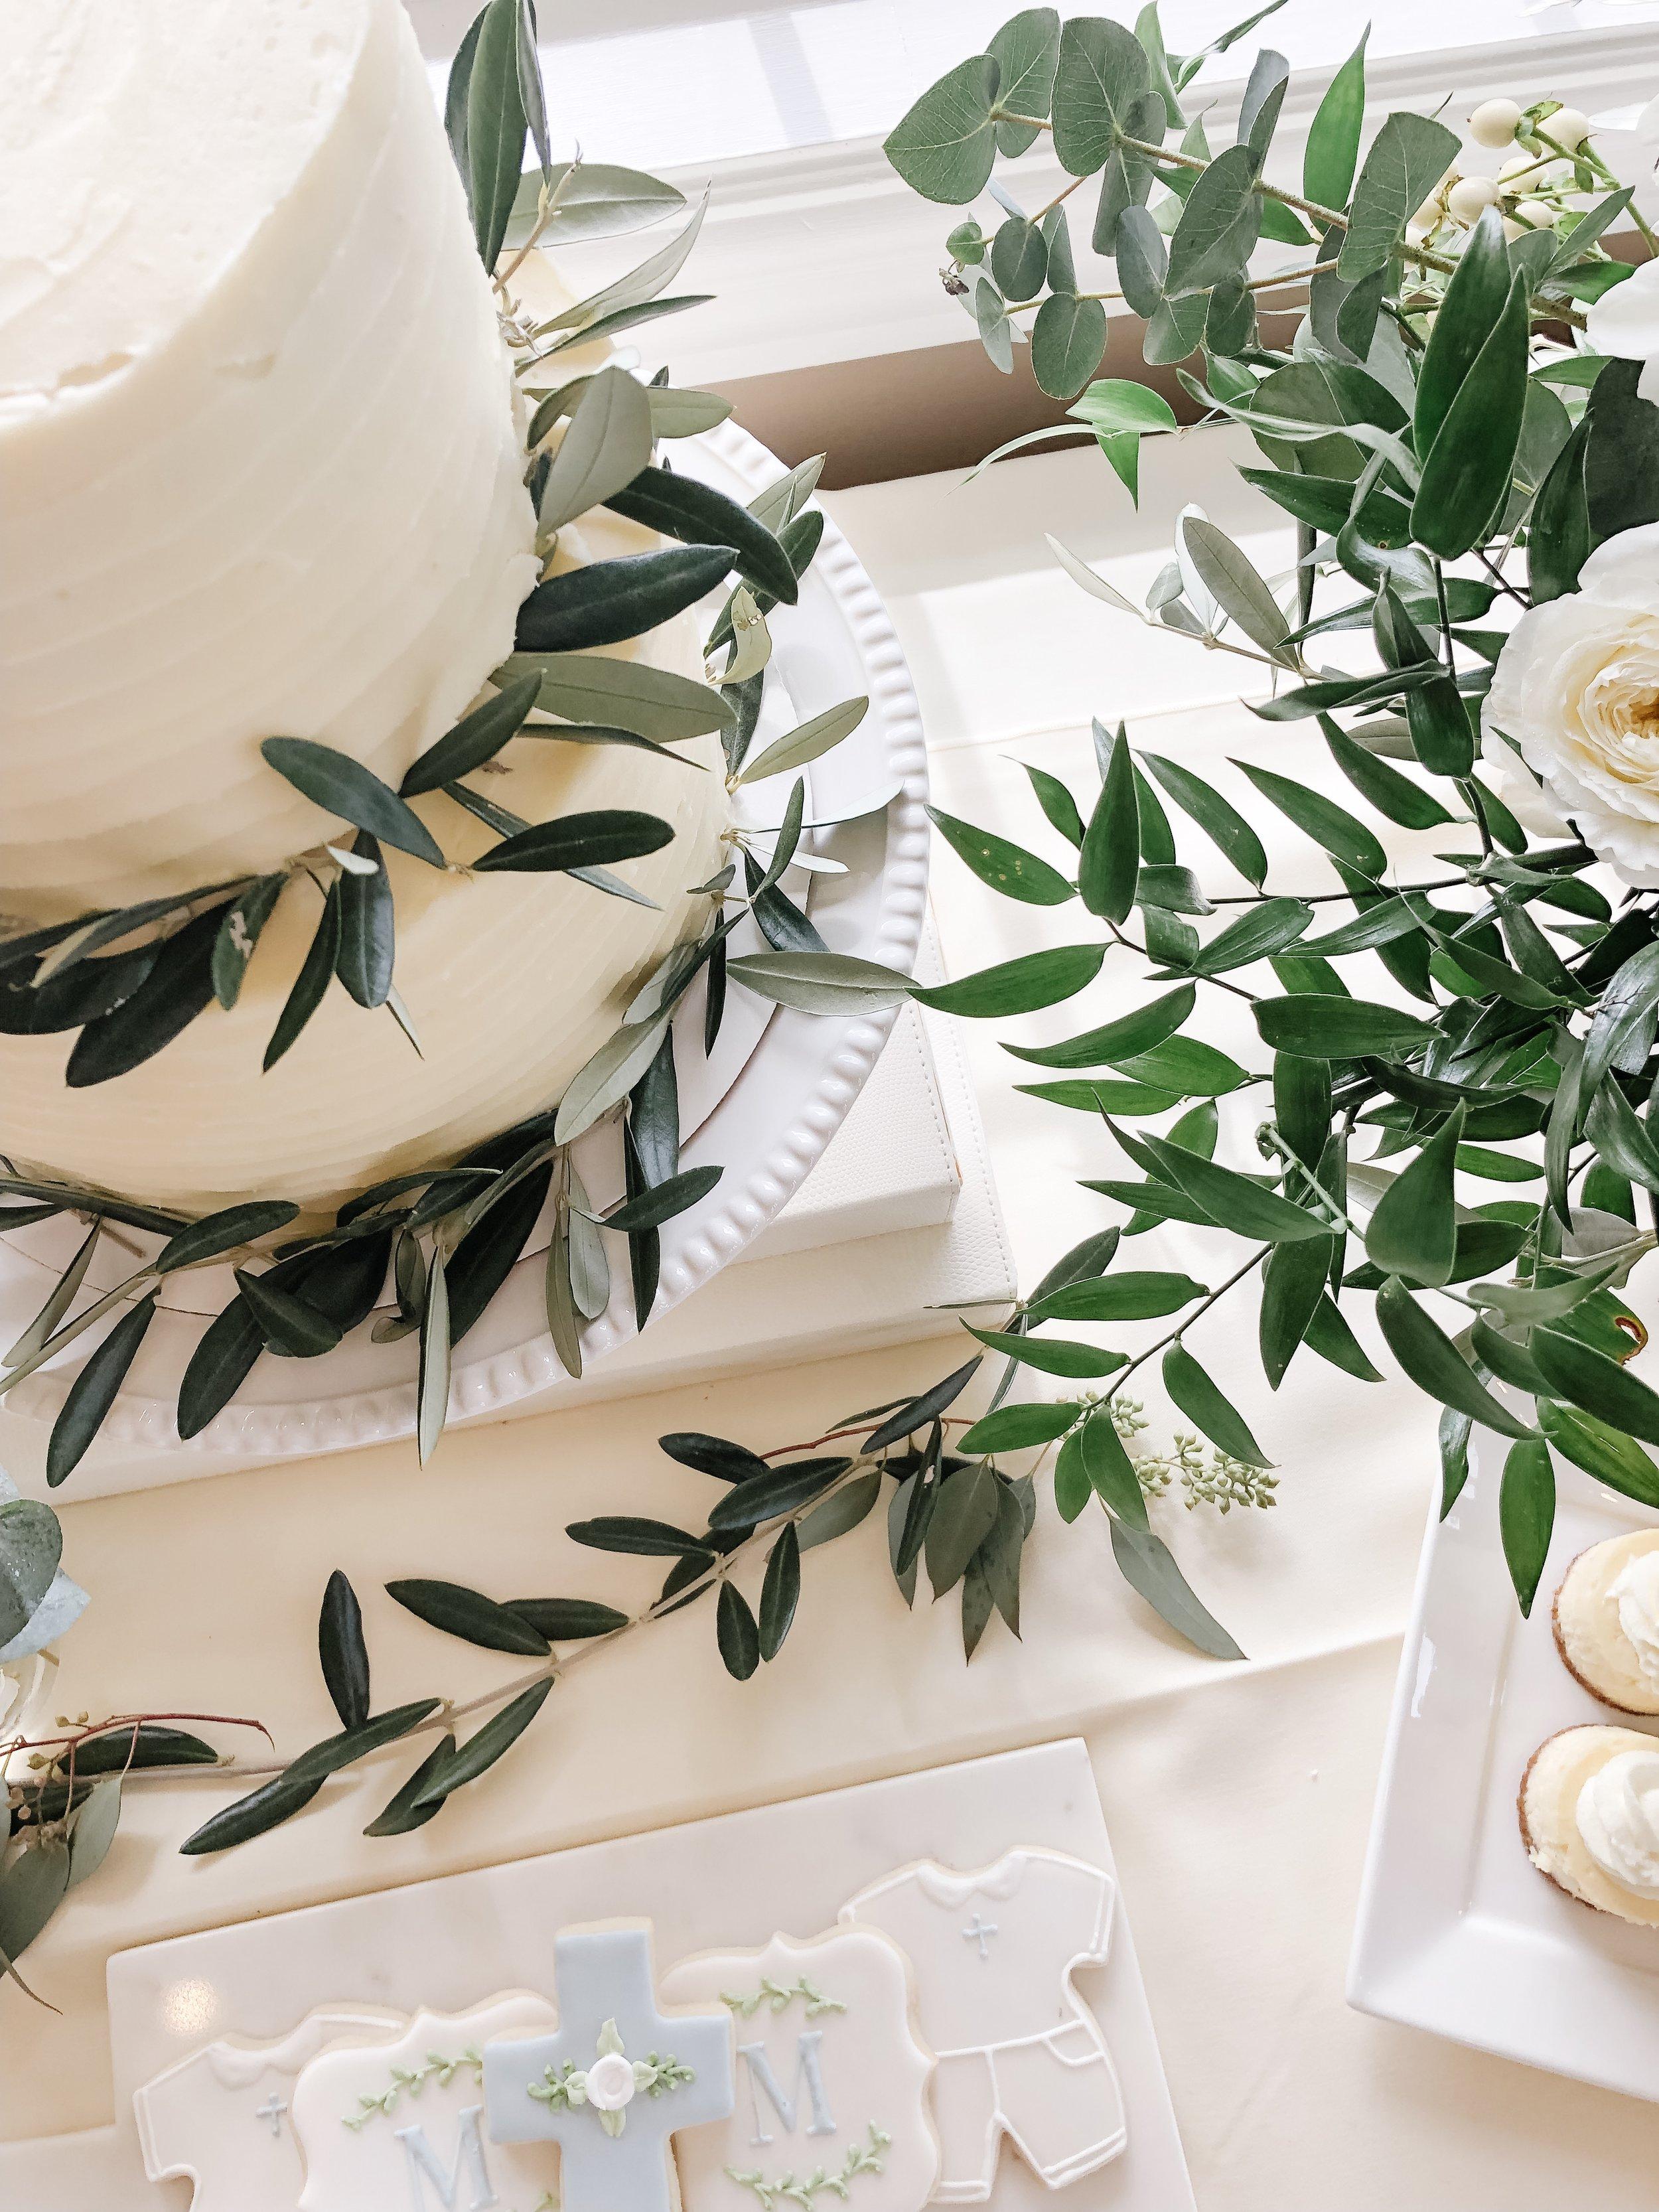 Floral & Design House Desserts